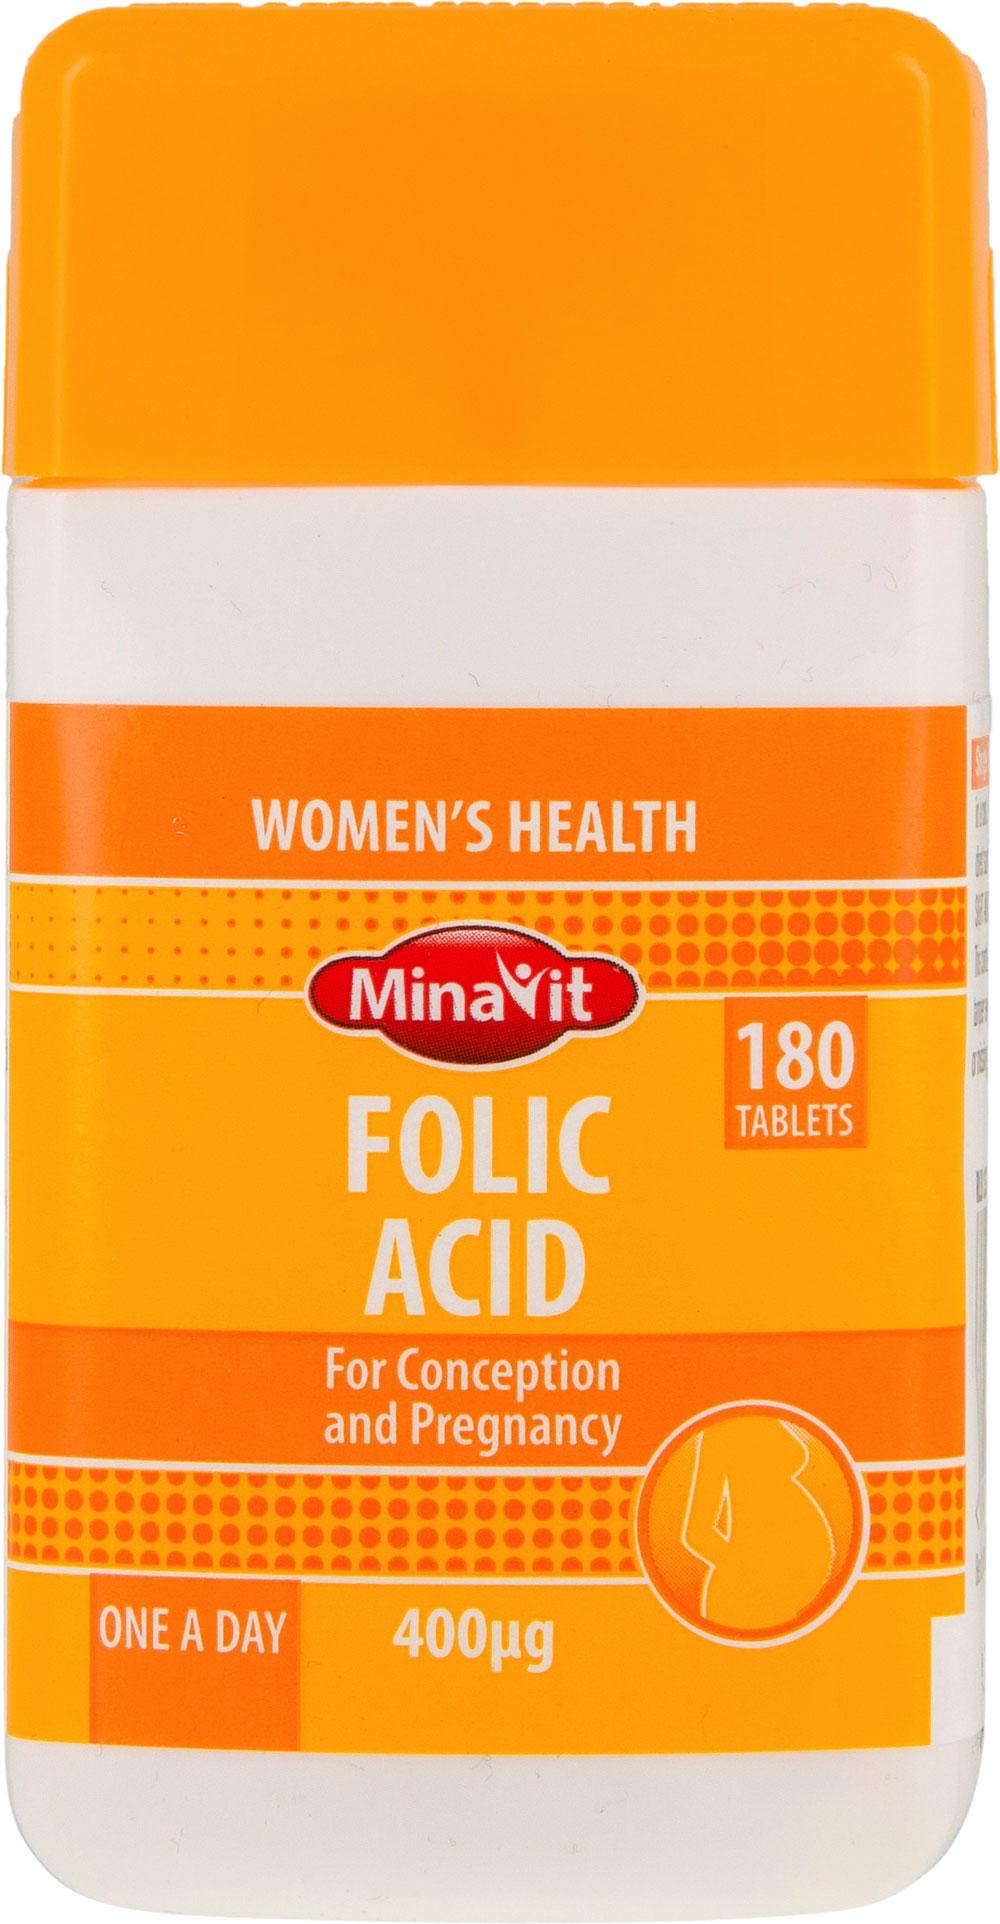 MinaVit Folic Acid Tablets (180 x 400ug) at LIDL - 75p